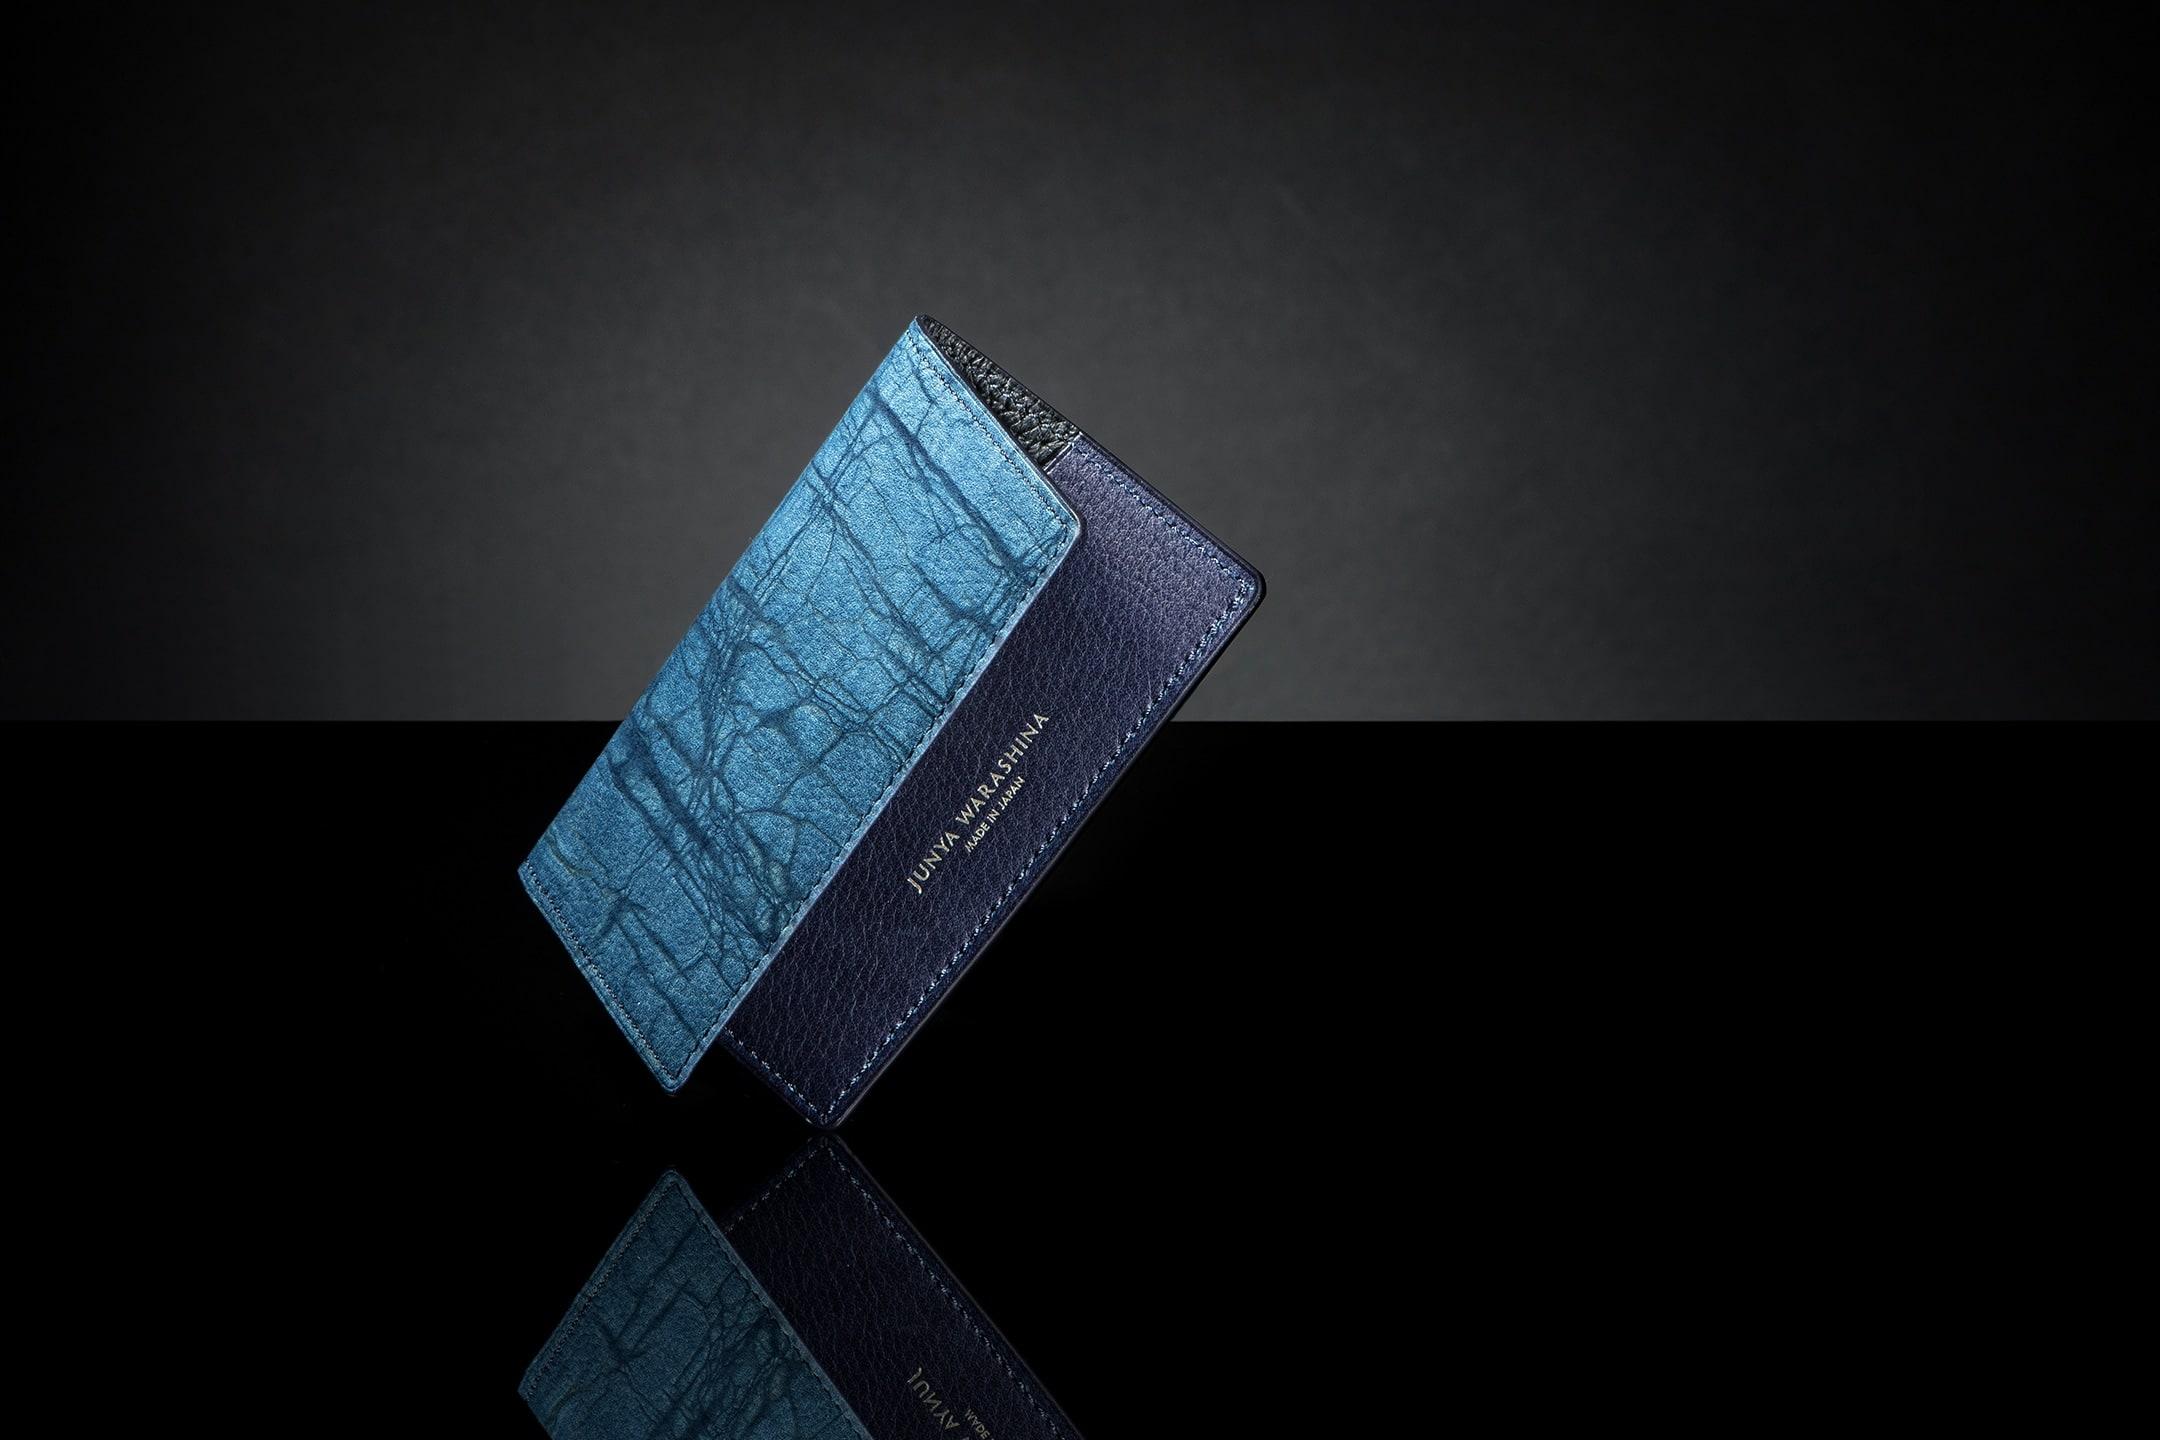 スクモレザー ロウ割れ カードケース by JUNYA WARASHINA